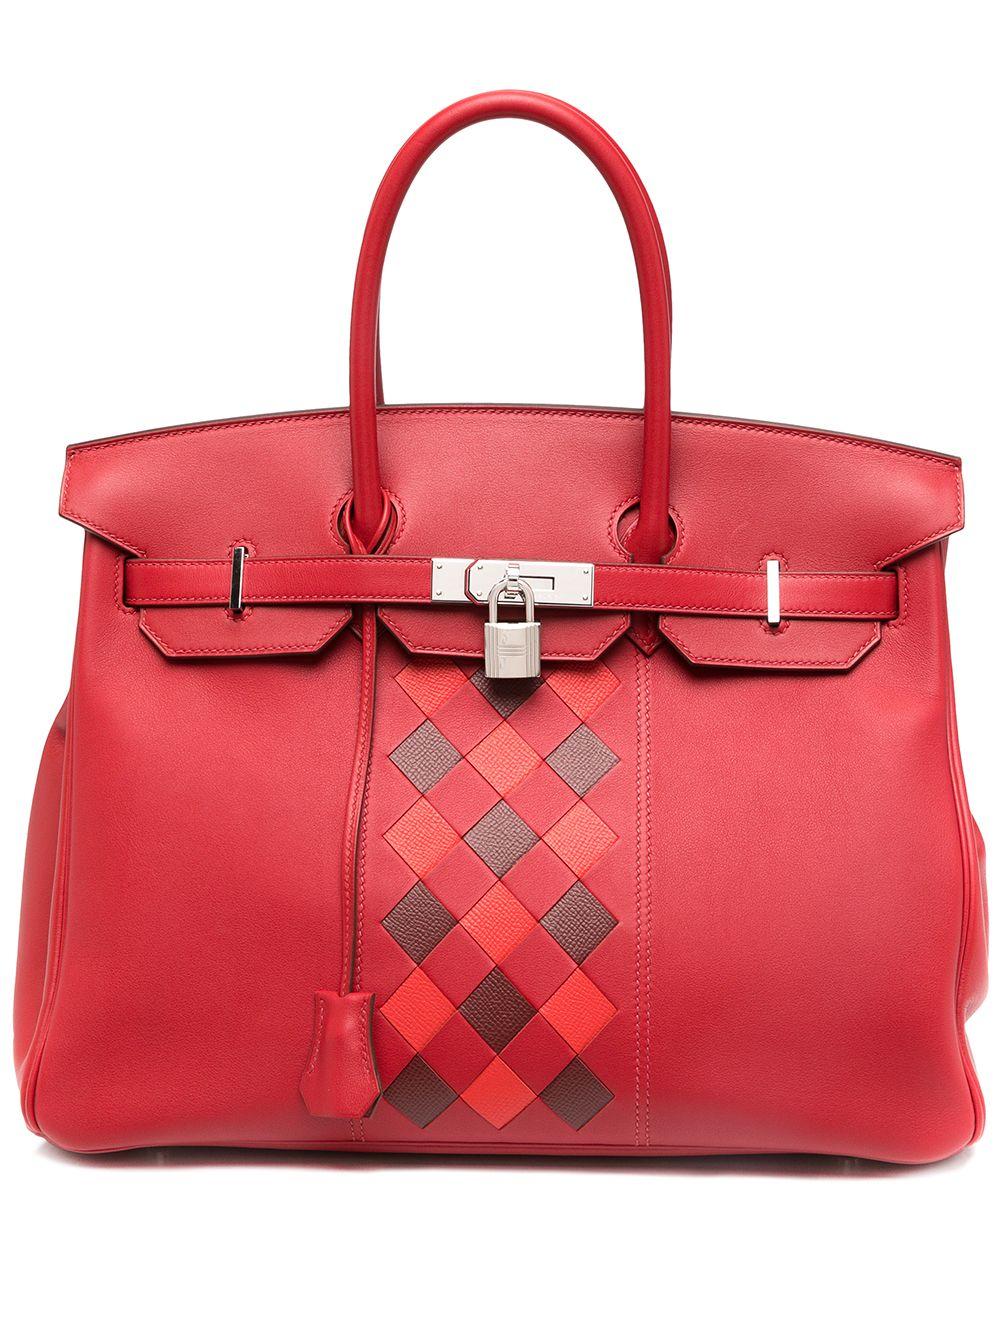 Hermès 2019 Pre-owned Birkin Handtasche - Rot